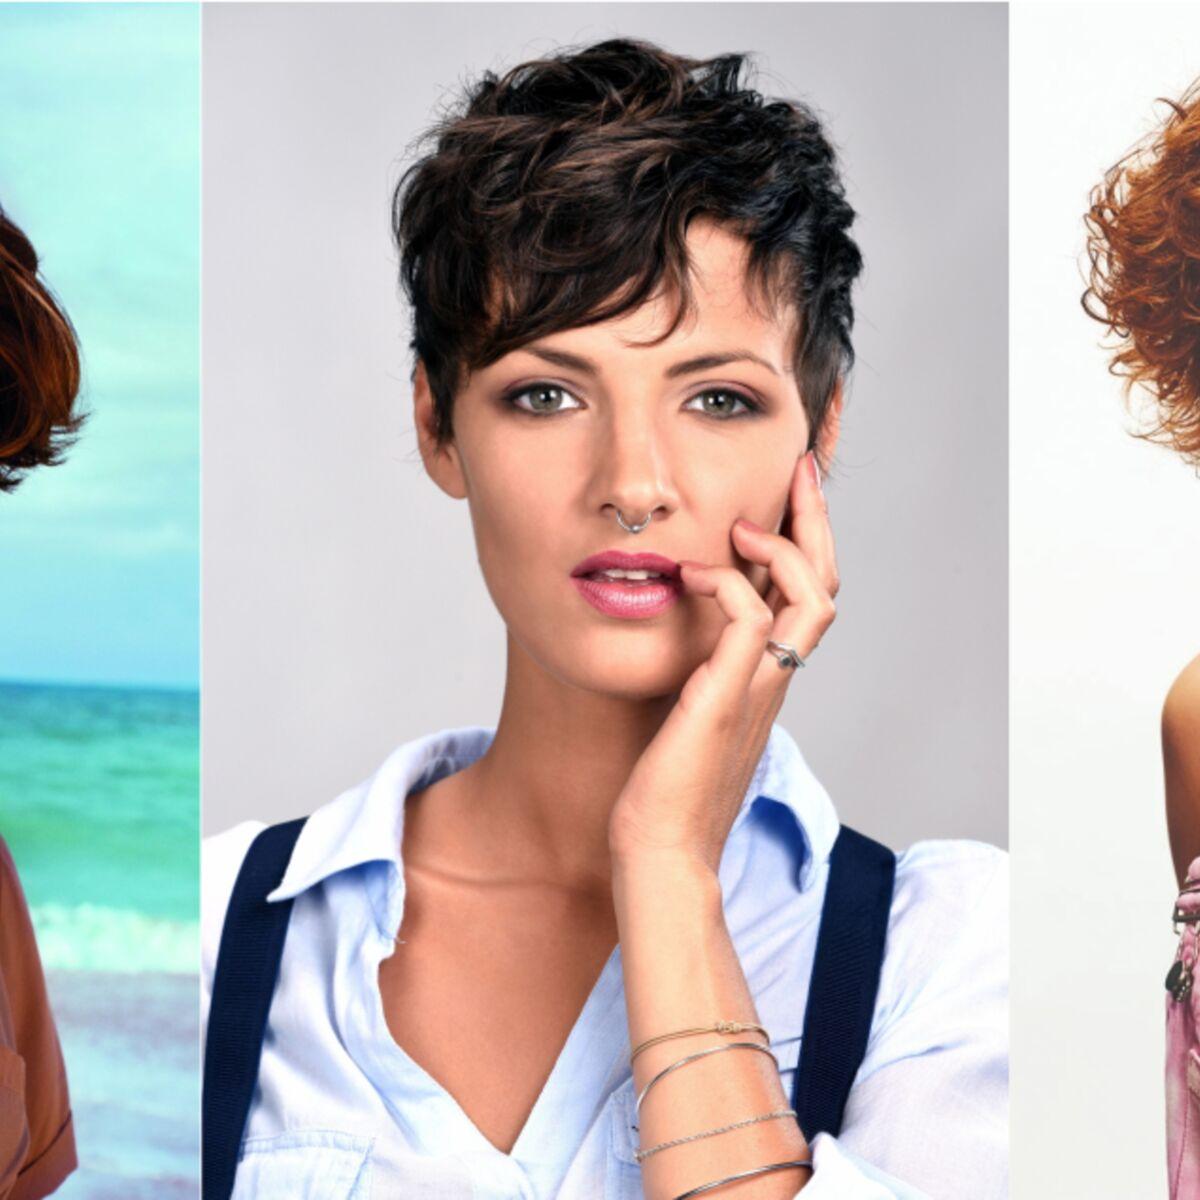 Coupe De Cheveux Nos Idees Pour Les Cheveux Courts Et Boucles Femme Actuelle Le Mag